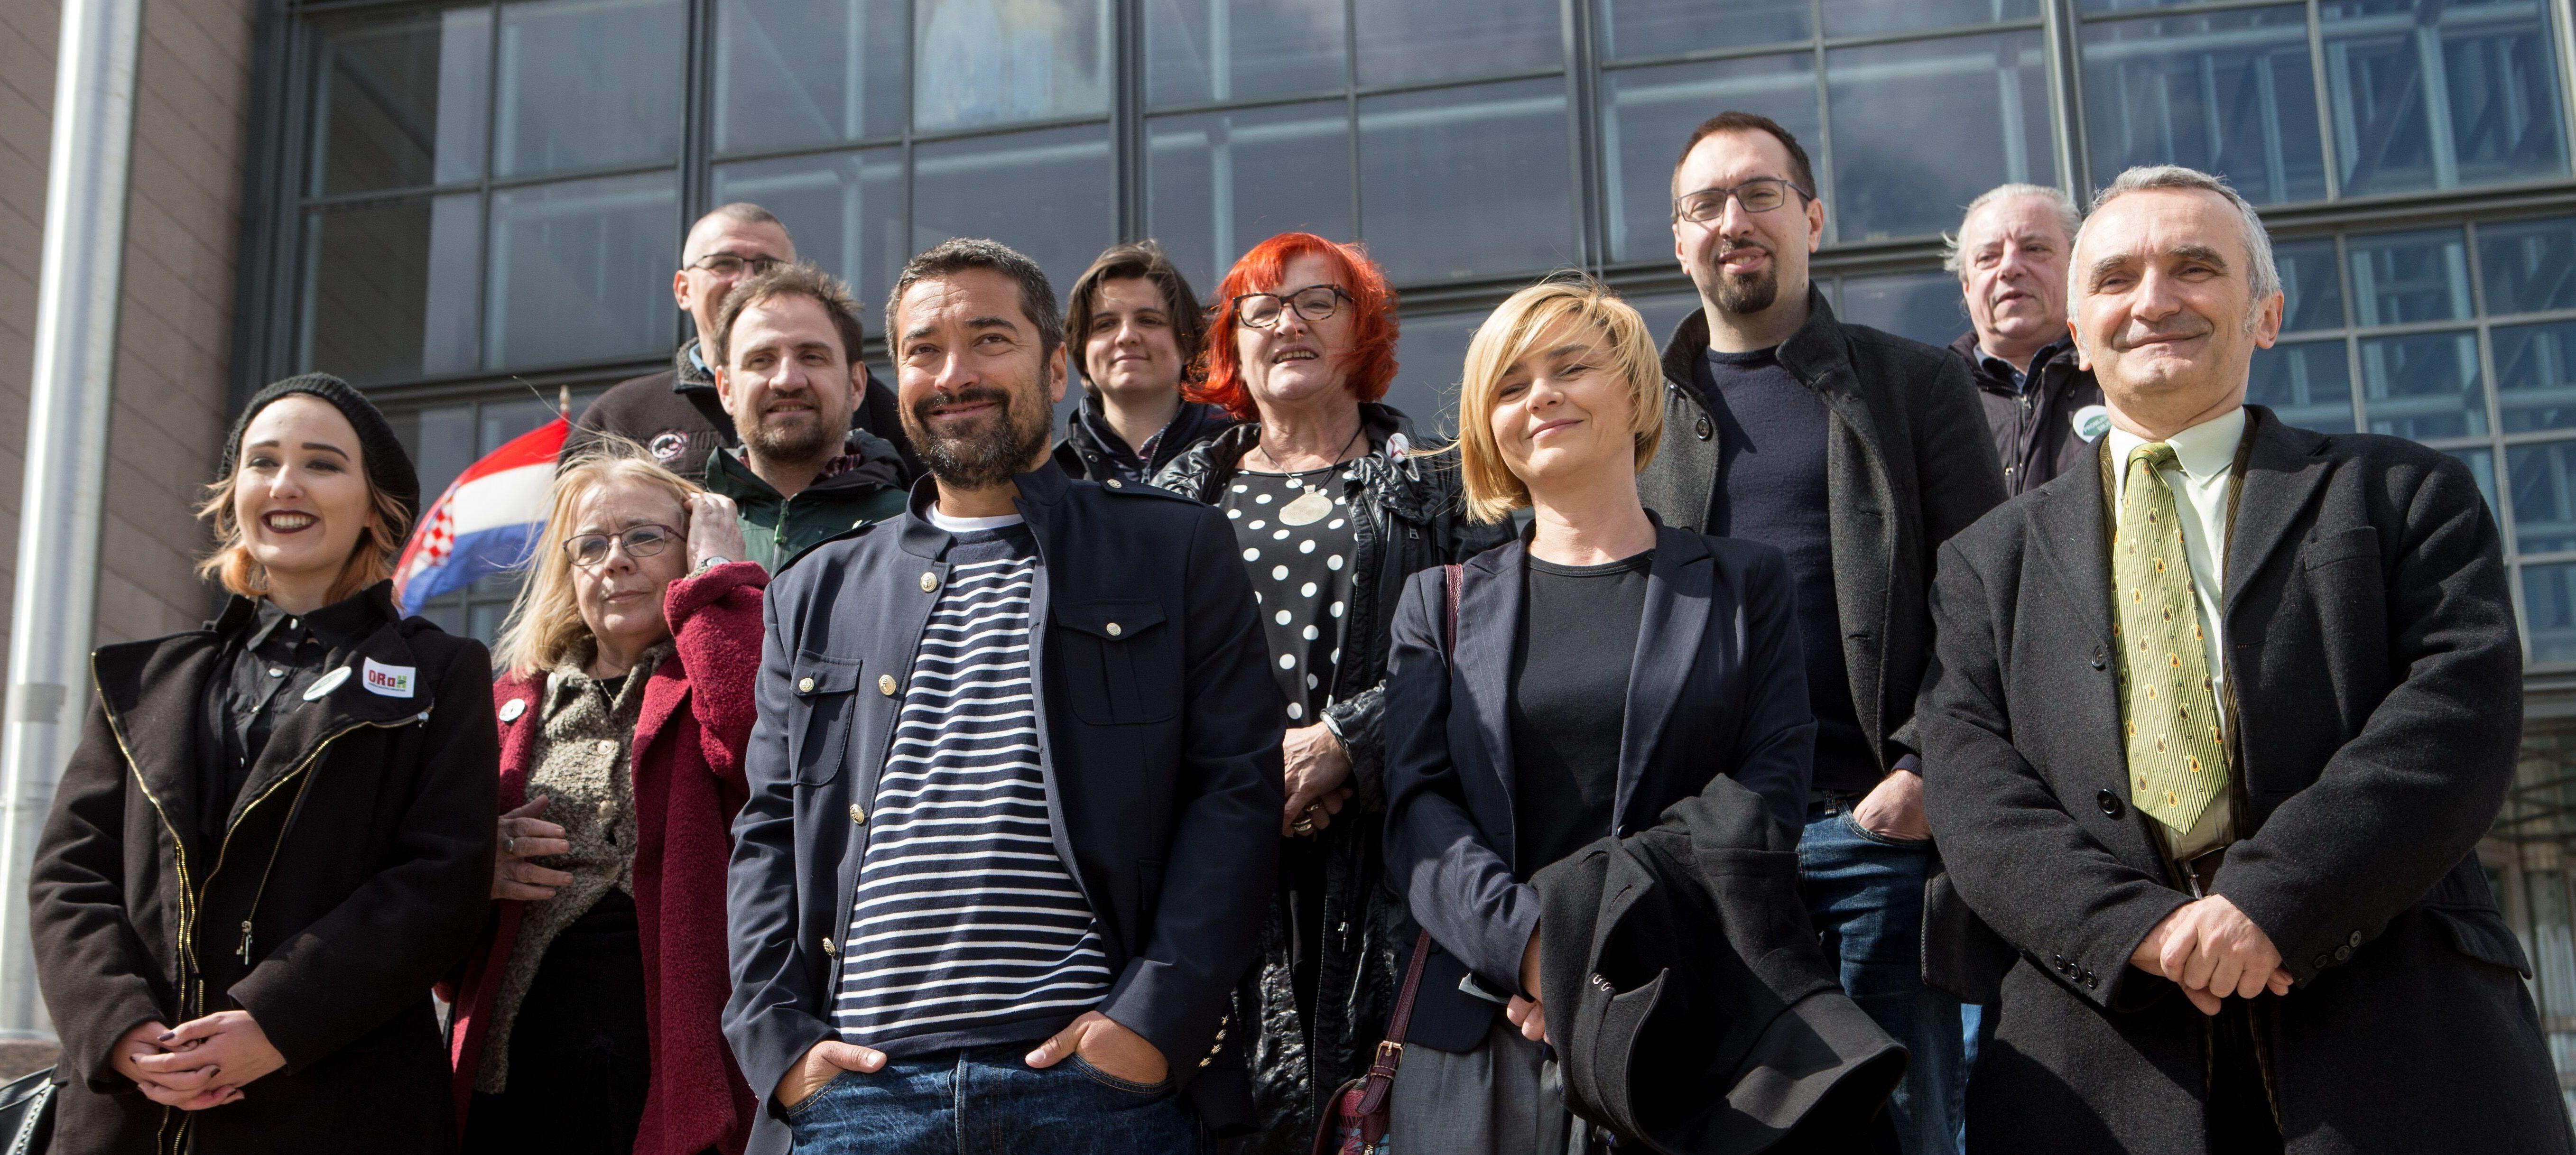 Najavljena koalicija za europske izbore, u subotu predstavljamo kandidate i program!